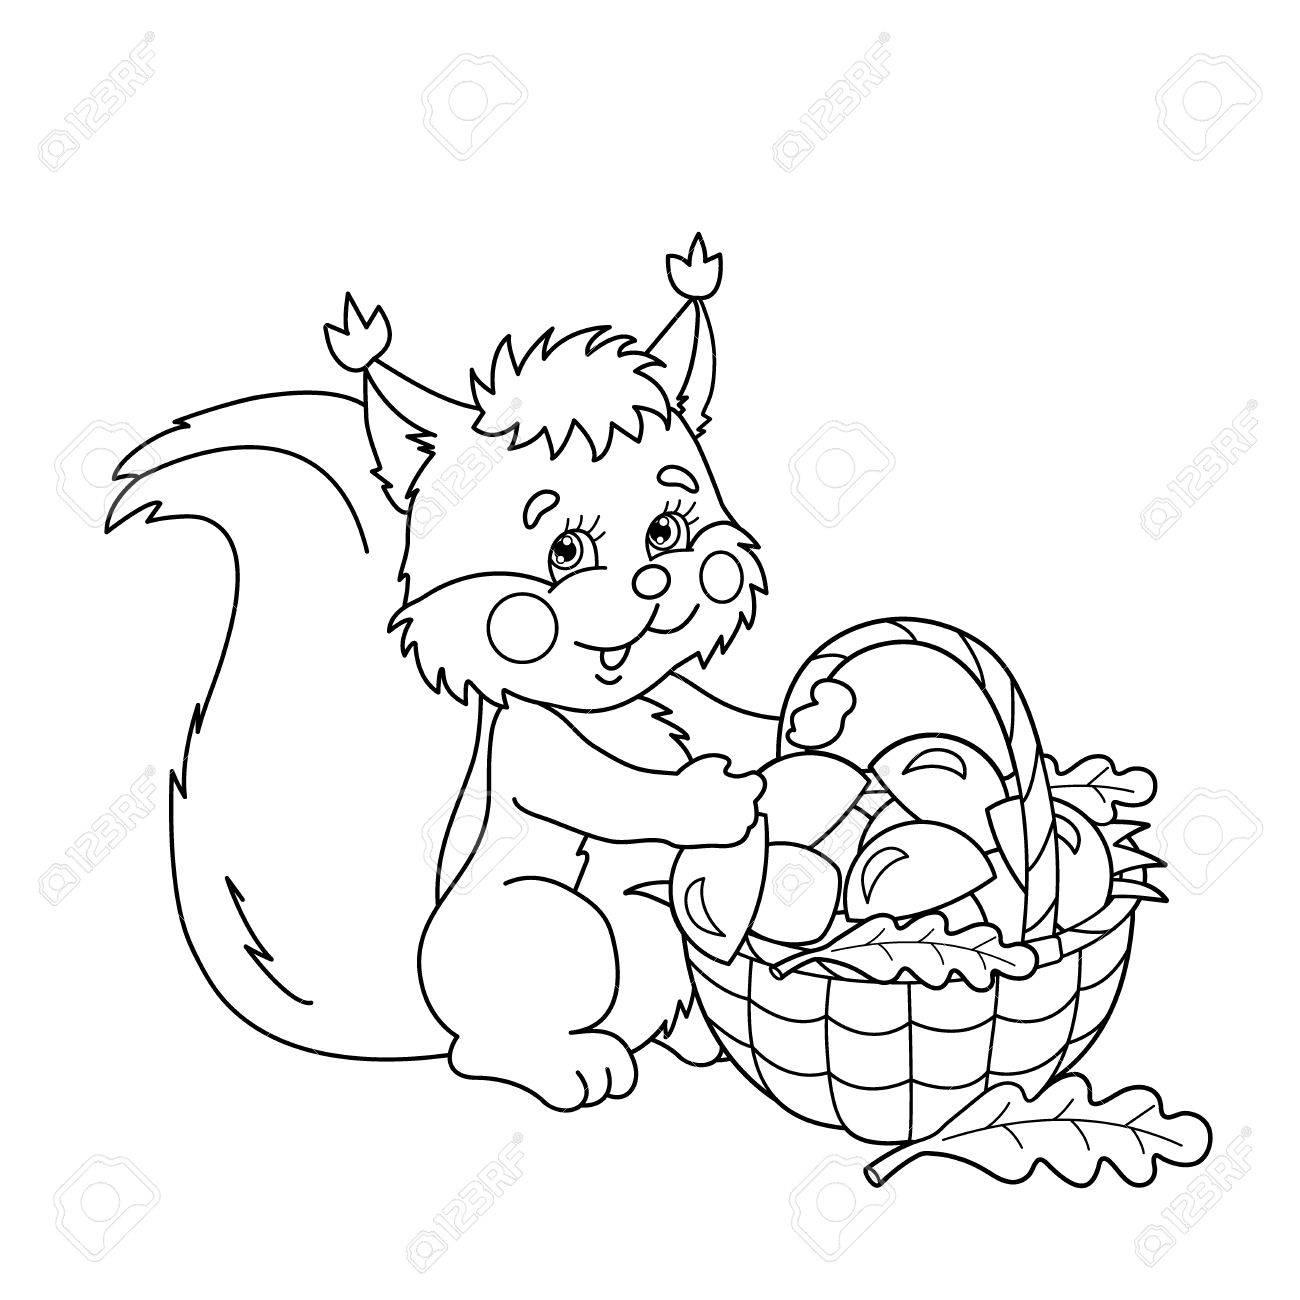 Coloriage Panier De Fraises.Coloriage Outline Of Ecureuil Dessin Anime Avec Panier De Champignons Cadeaux D Ete De La Nature Livre De Coloriage Pour Les Enfants